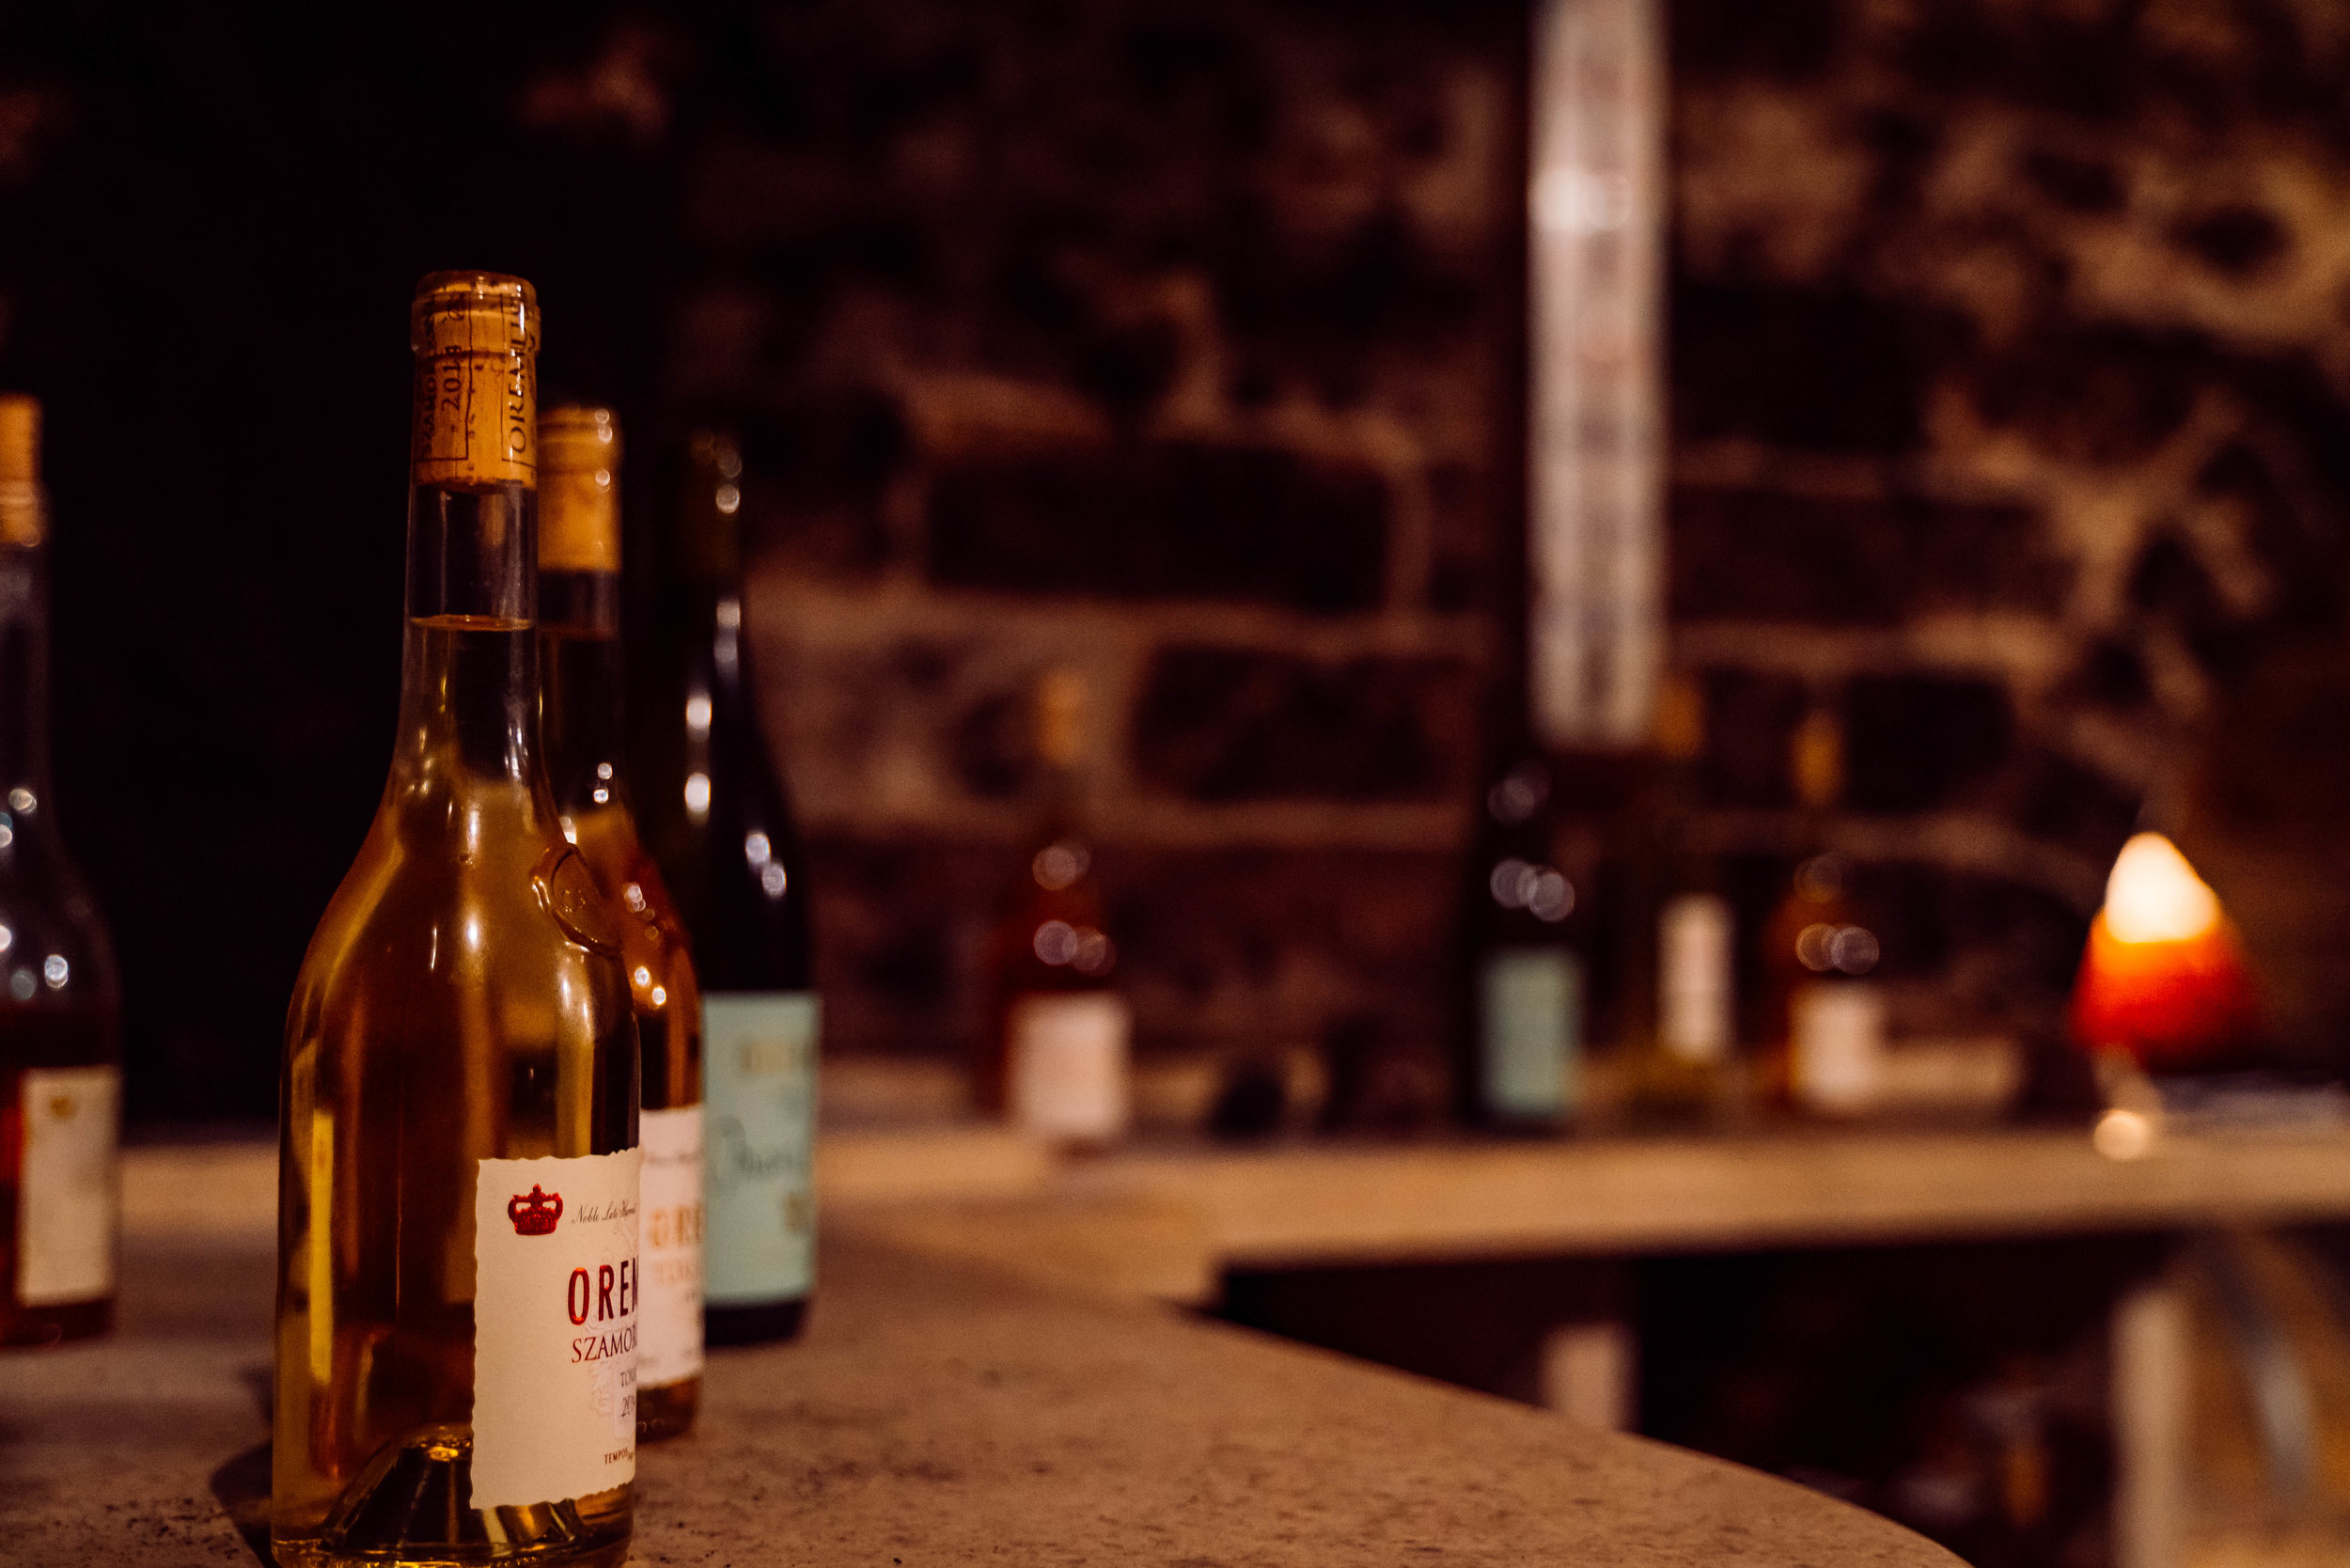 Oremus.bottles1.jpg